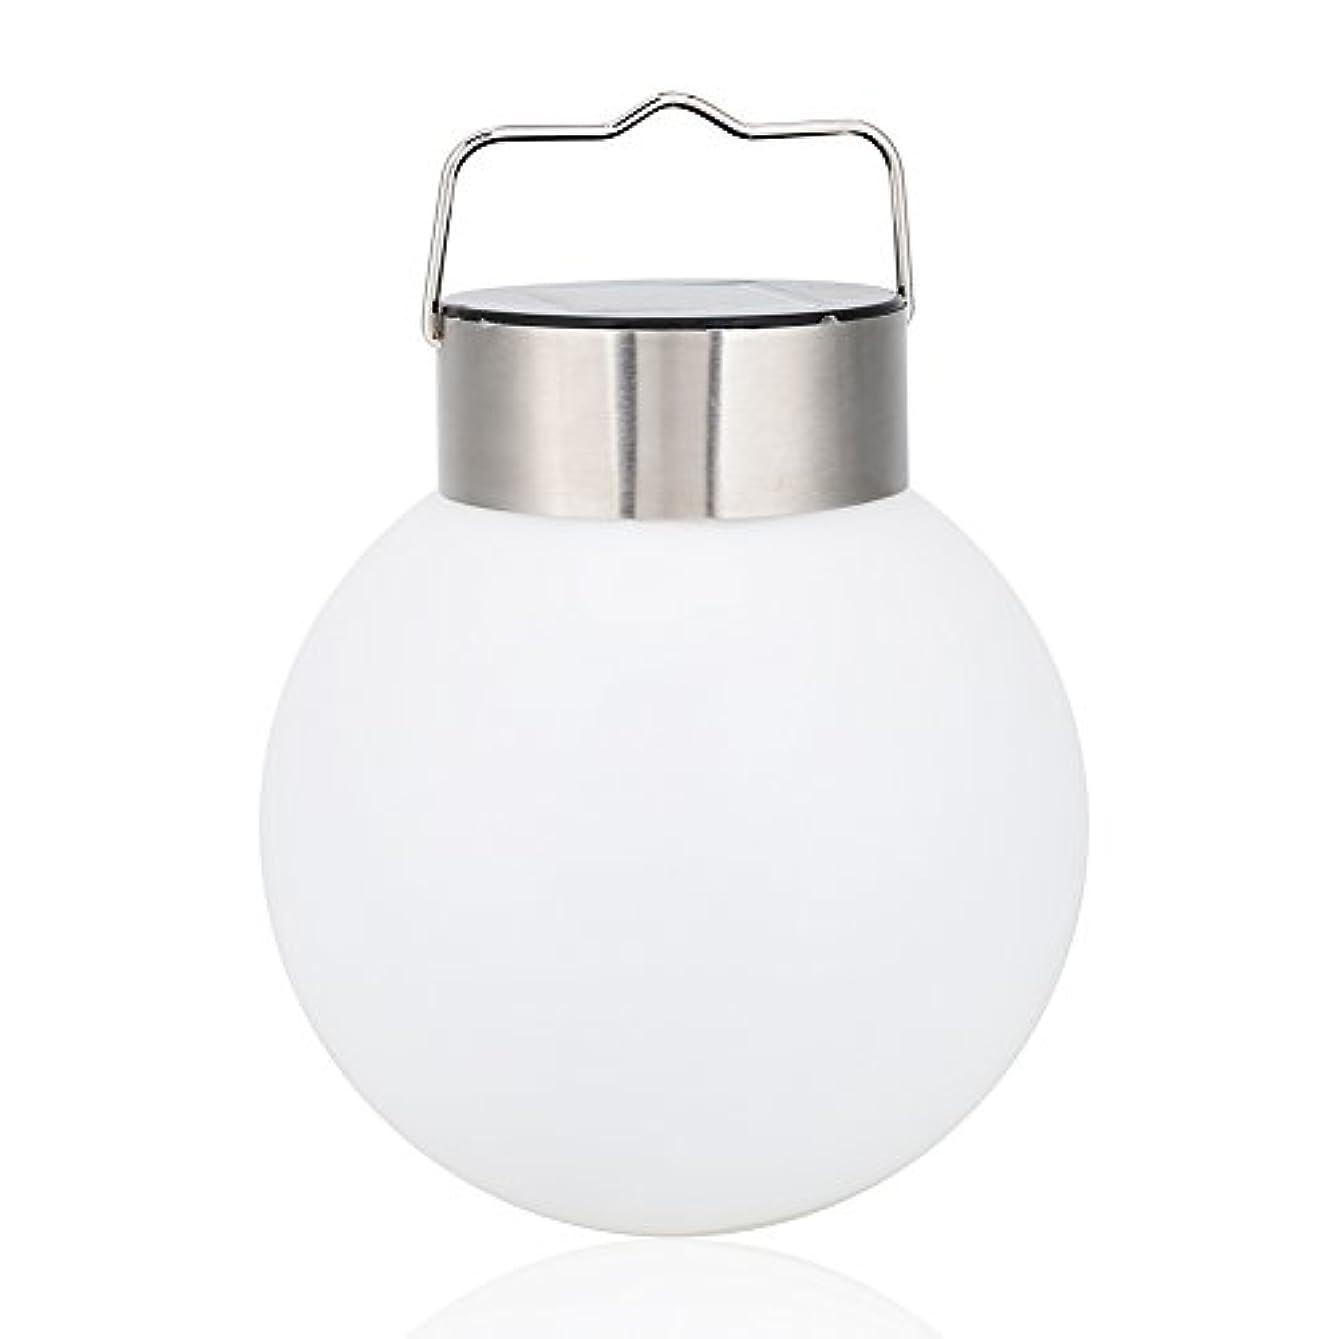 食用活力住所LED ガーデンライト 防水 軽量 ソーラーライト 光センサーで自動点灯/消灯 室外?ガーデン?庭?玄関?芝生?駐車場?階段 ハンギング